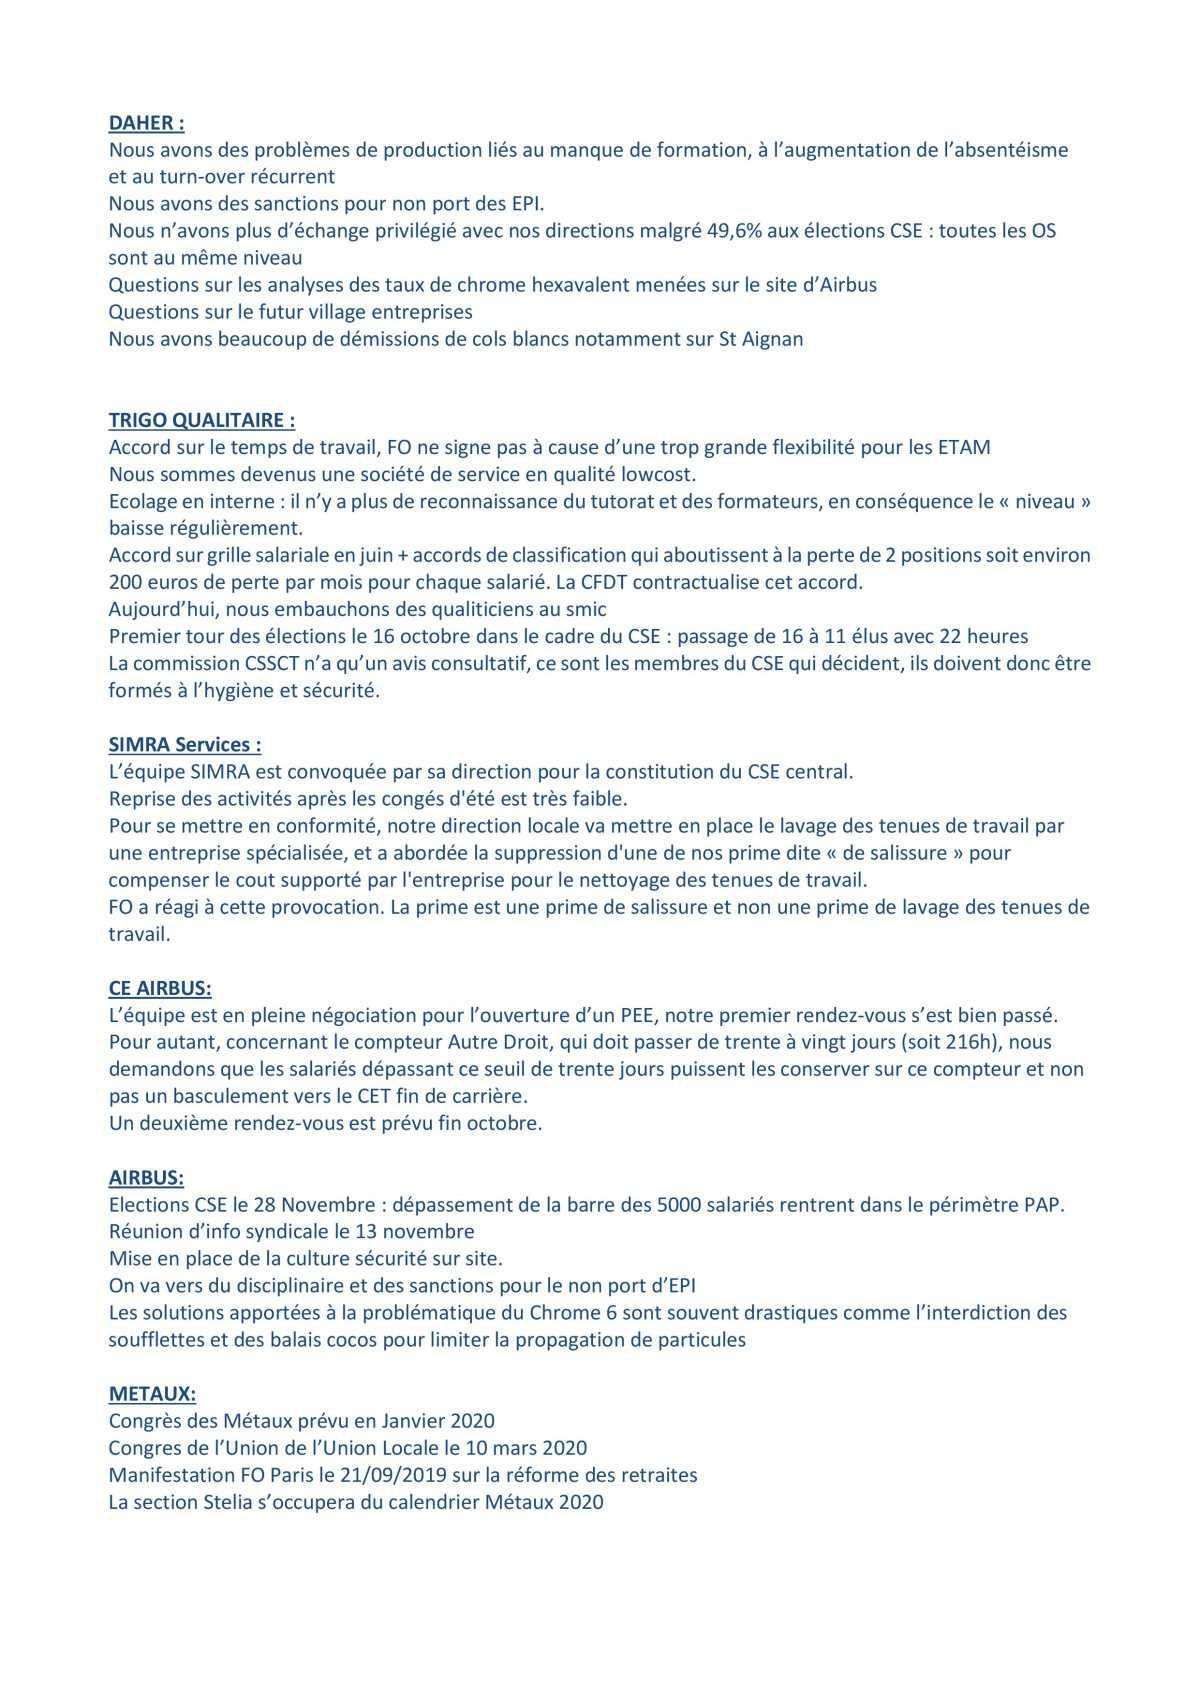 Coordination des partenaires industriels d'Airbus du 17/09/2019